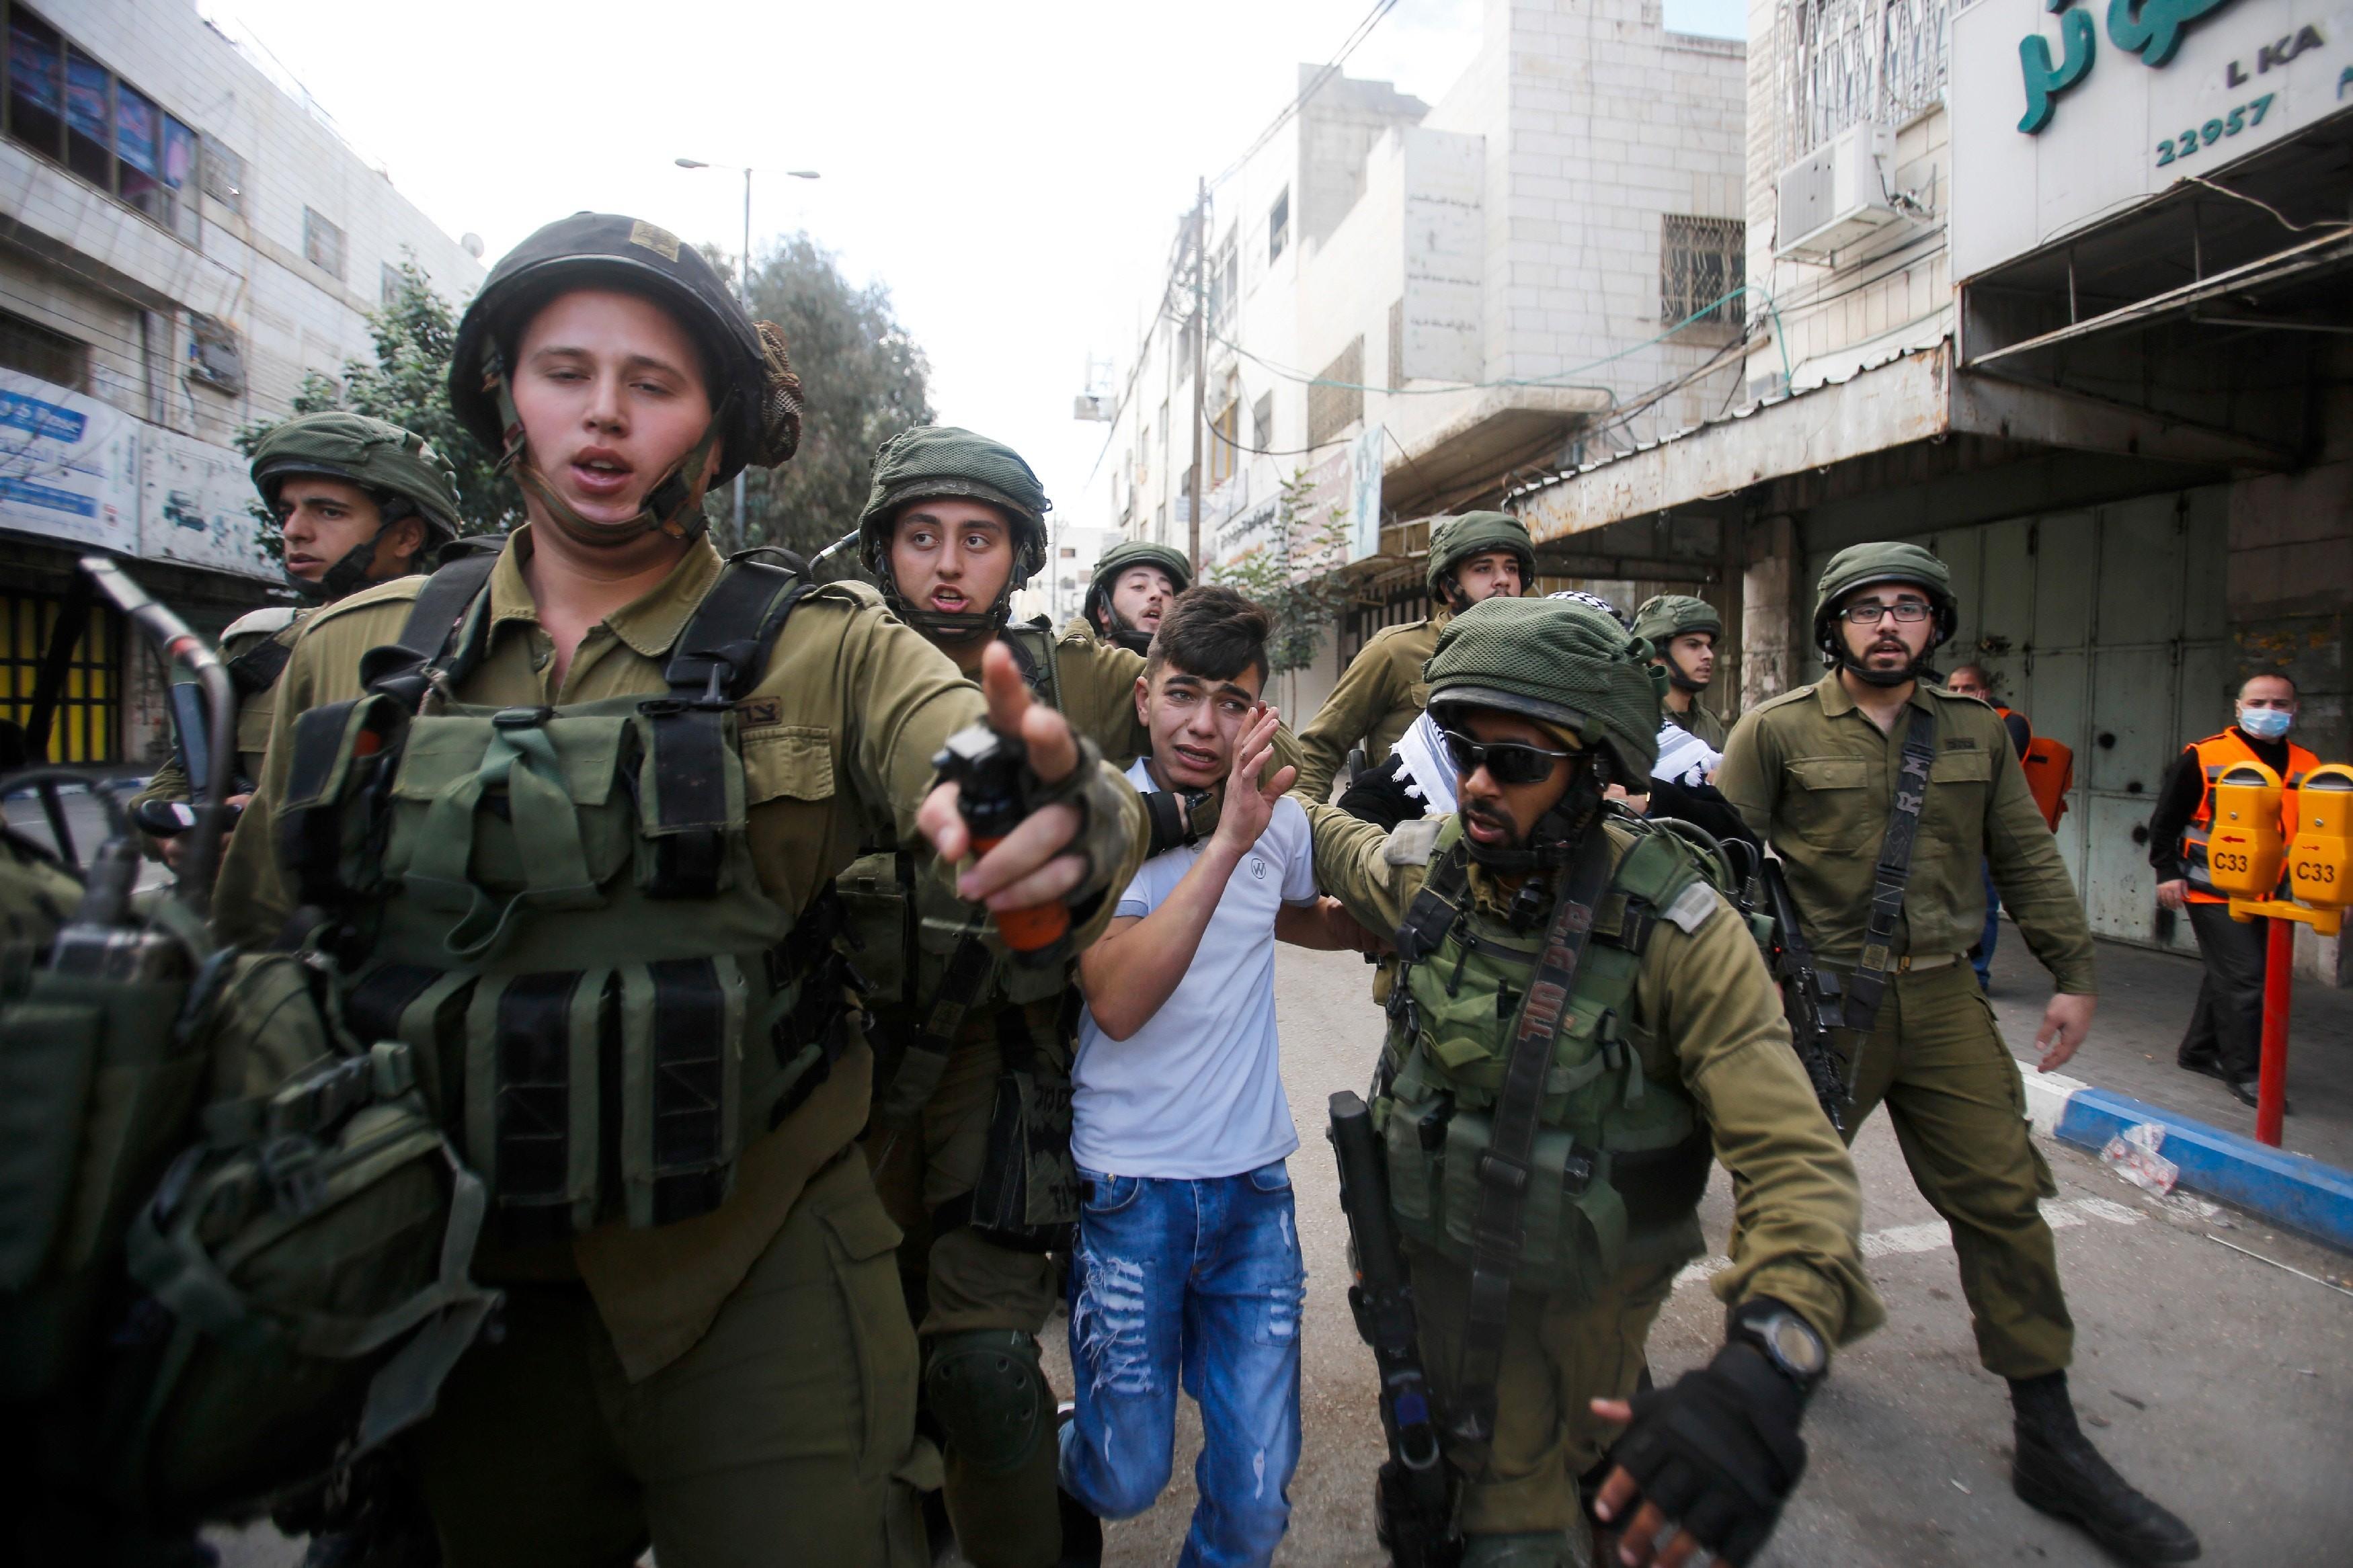 جنود الاحتلال يعتقلون طفلا مقدسيا (أ ب)